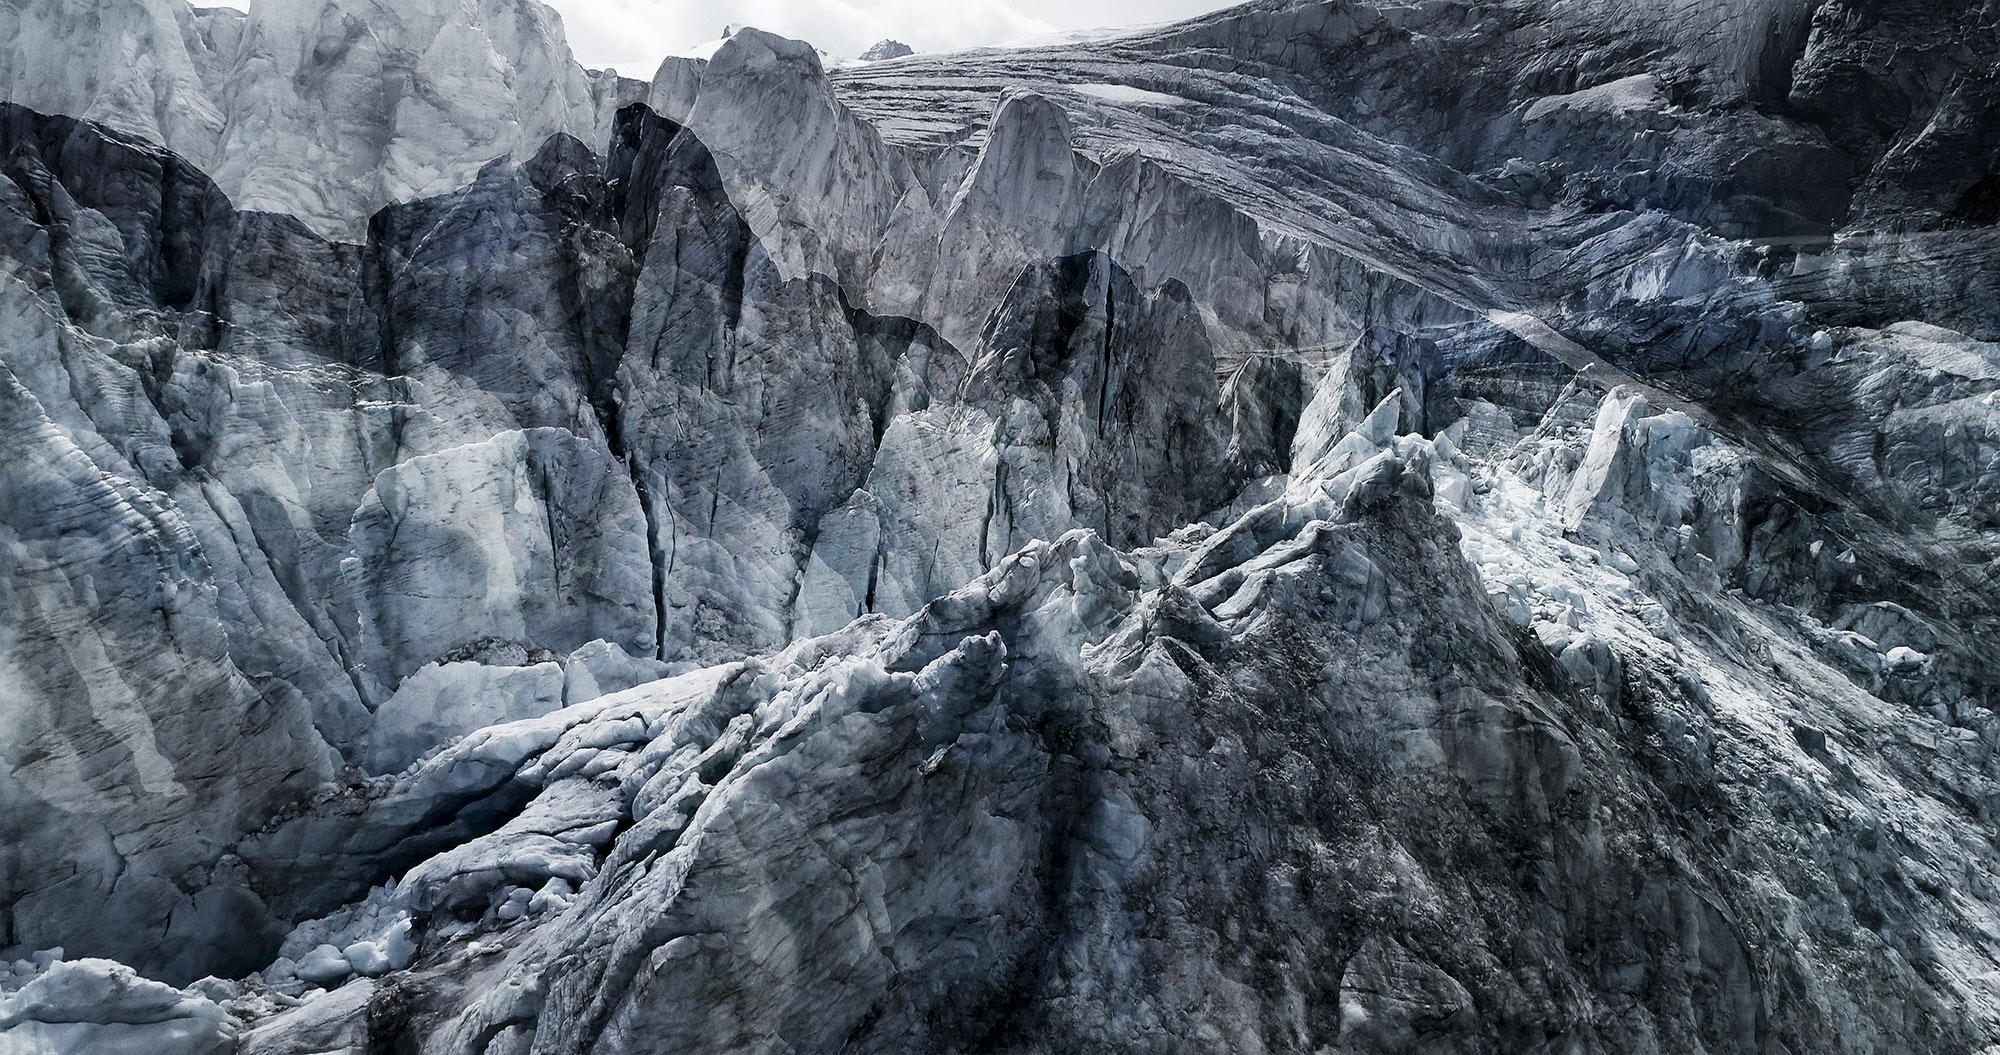 #73 Glaciers offset, 2017, photographie reconstruite à partir de bandes videos, réalisées sur les glaciers du Tour et de Moiry